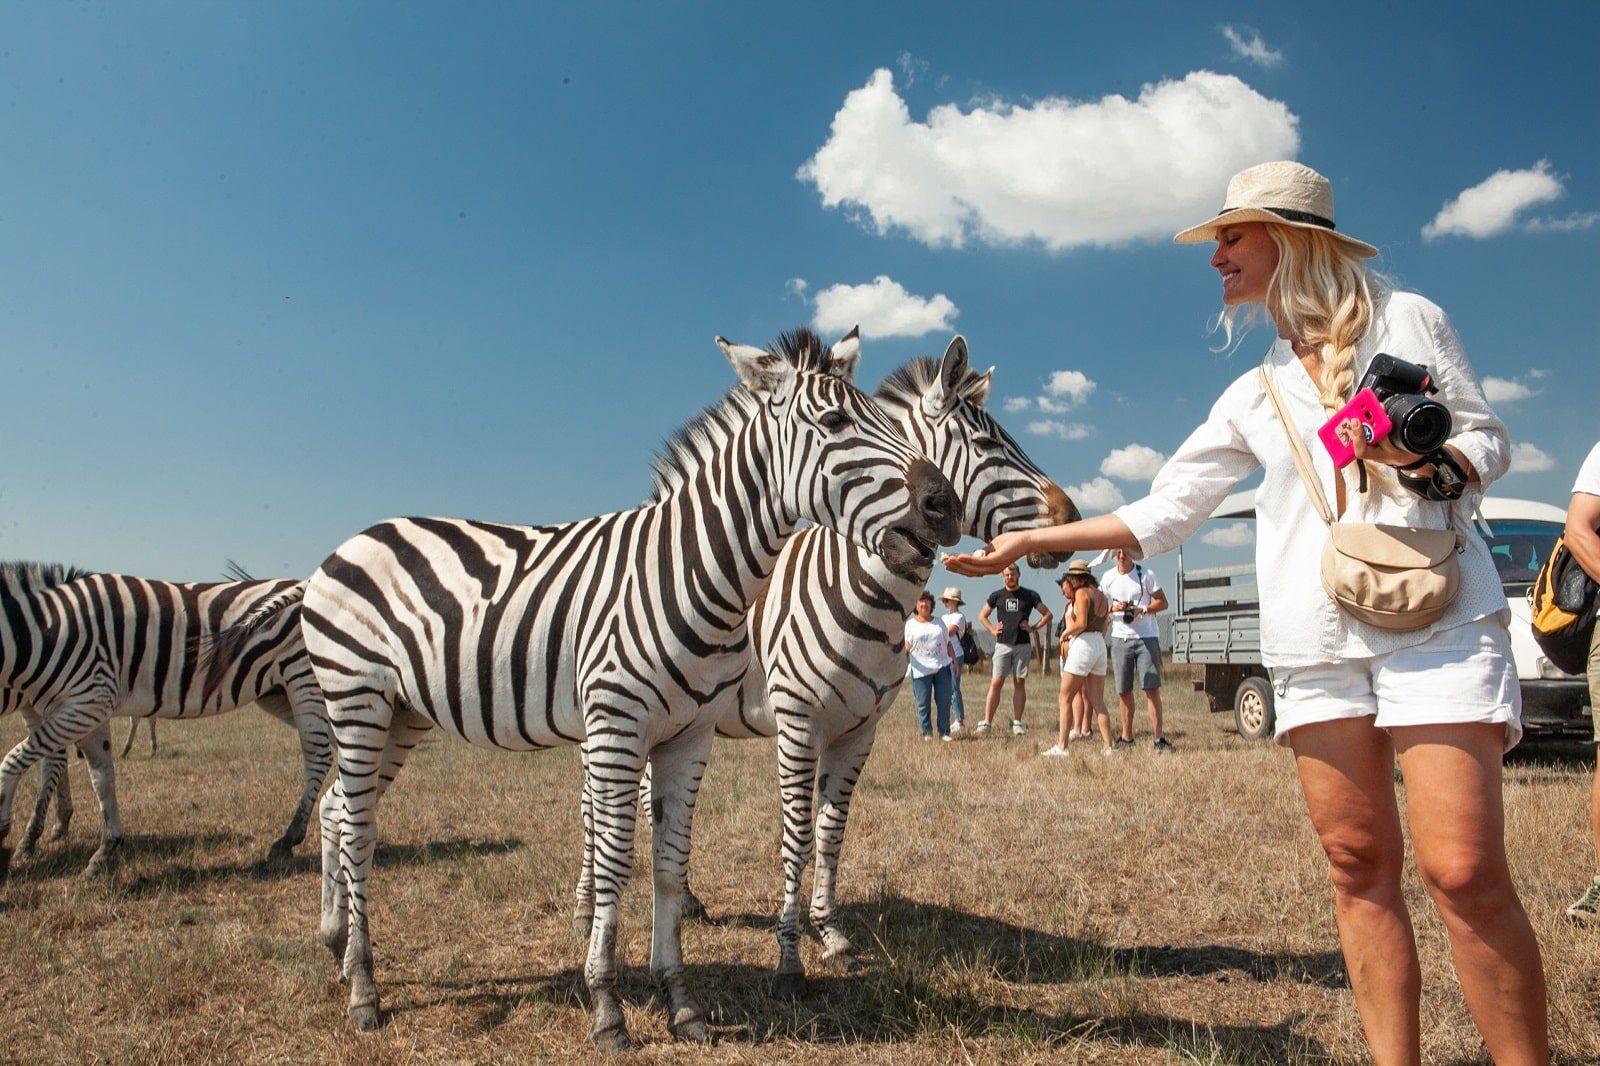 природні парки, біосферні заповідники, туризм